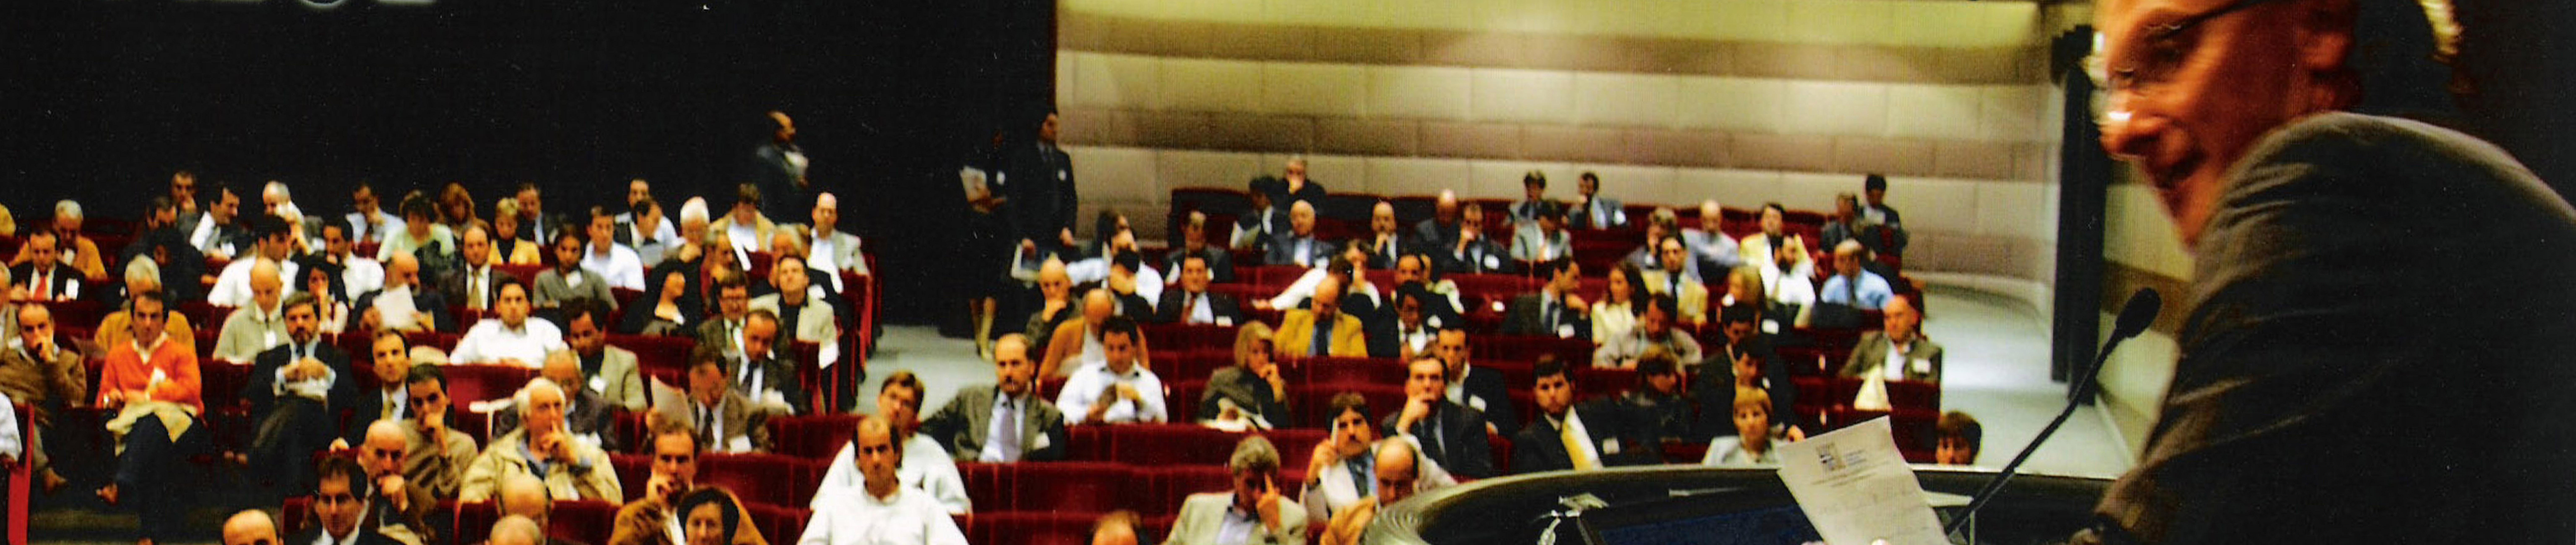 Aisi Congresso